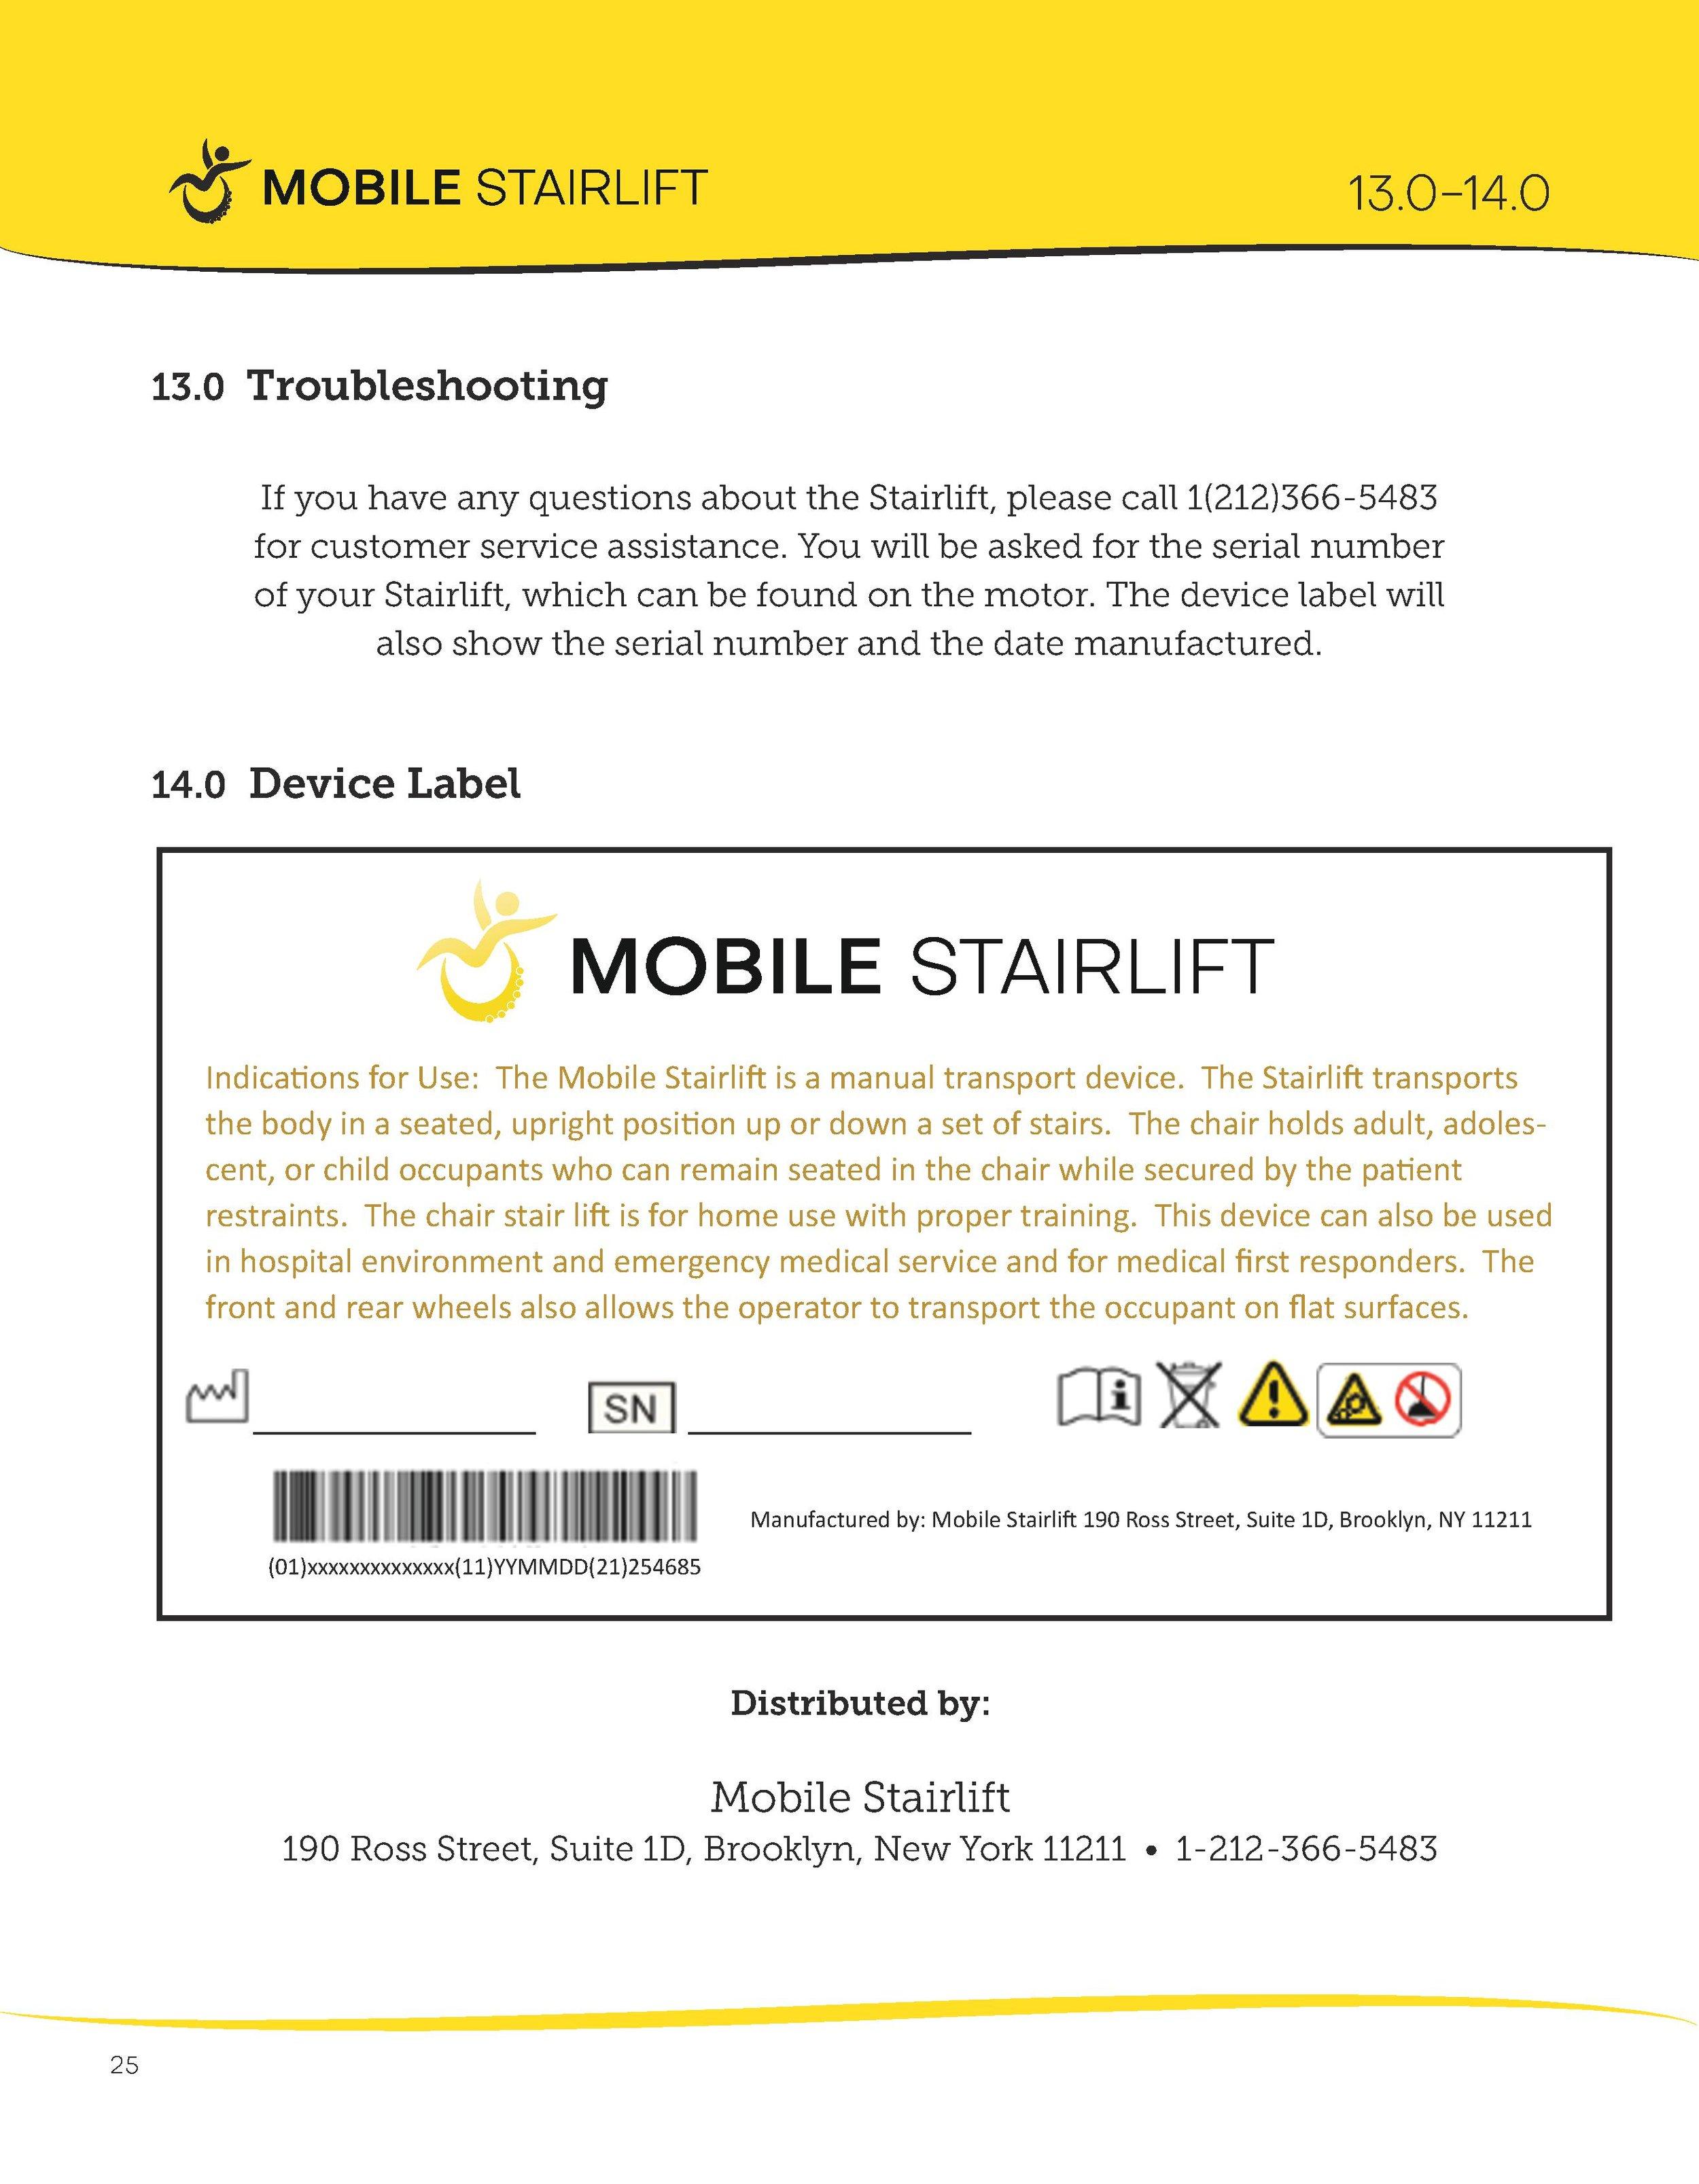 Mobile Stairlift Instruction Manual-26.jpg